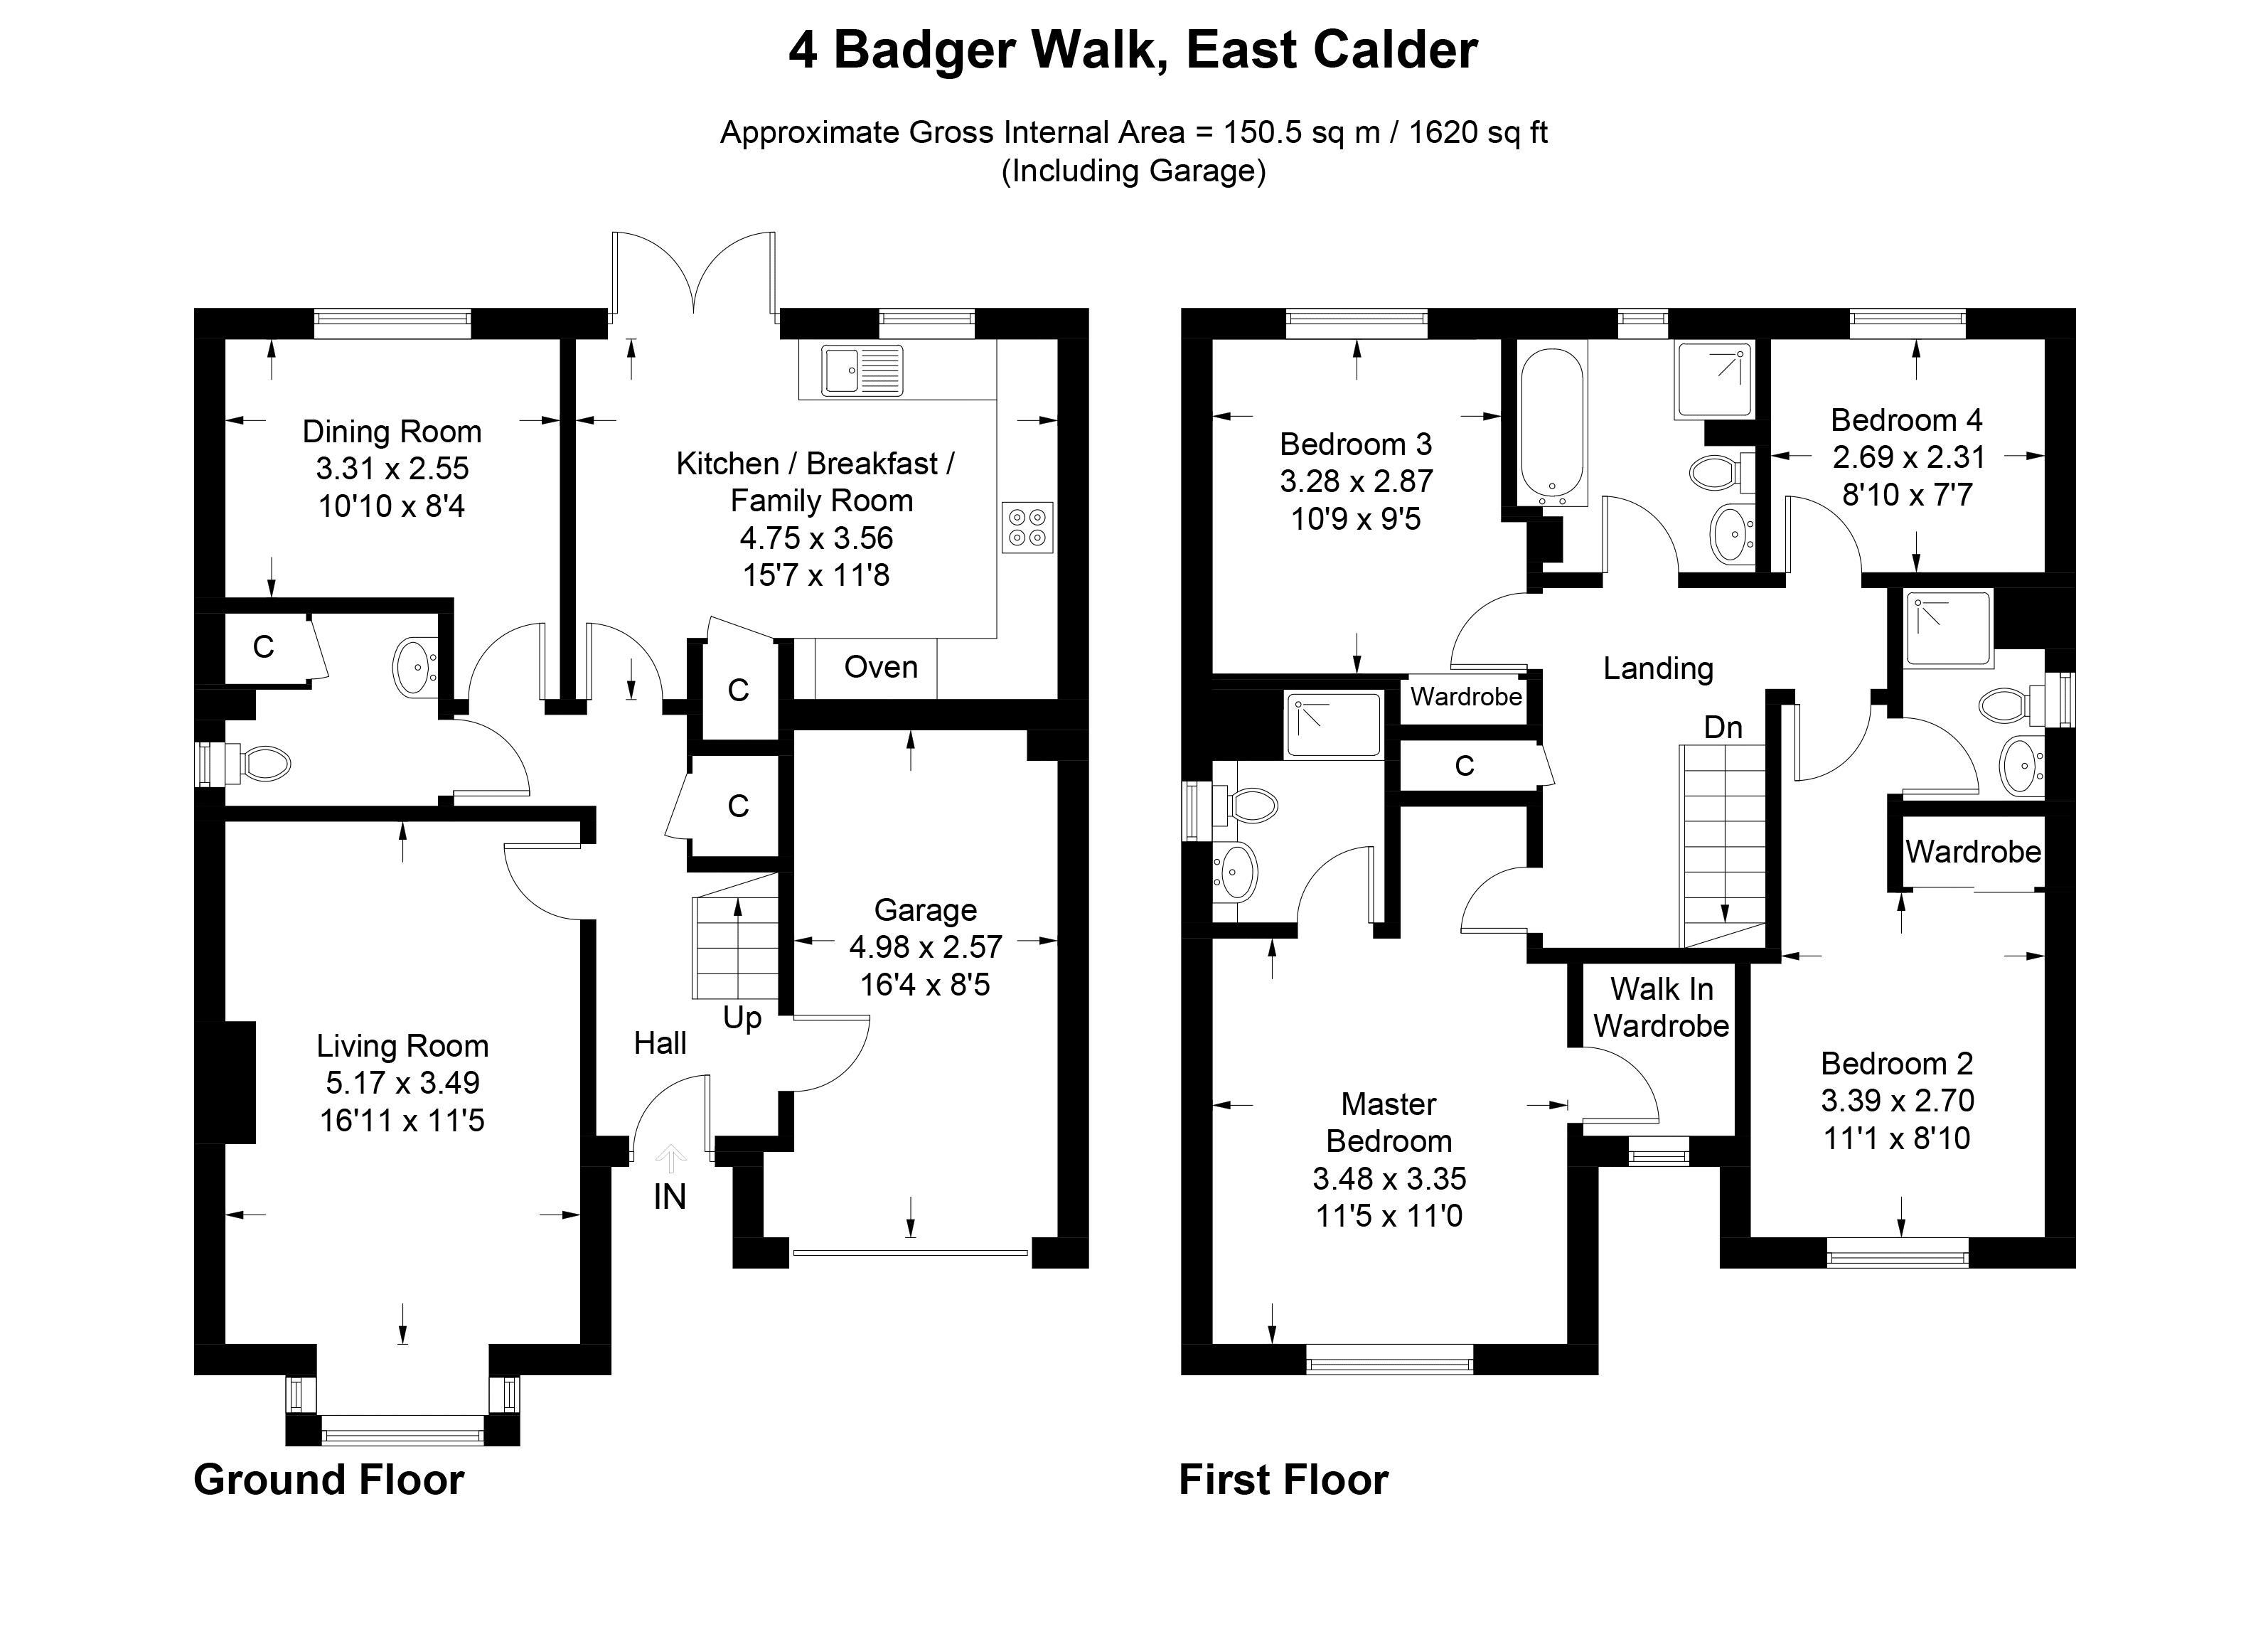 Badger Walk East Calder